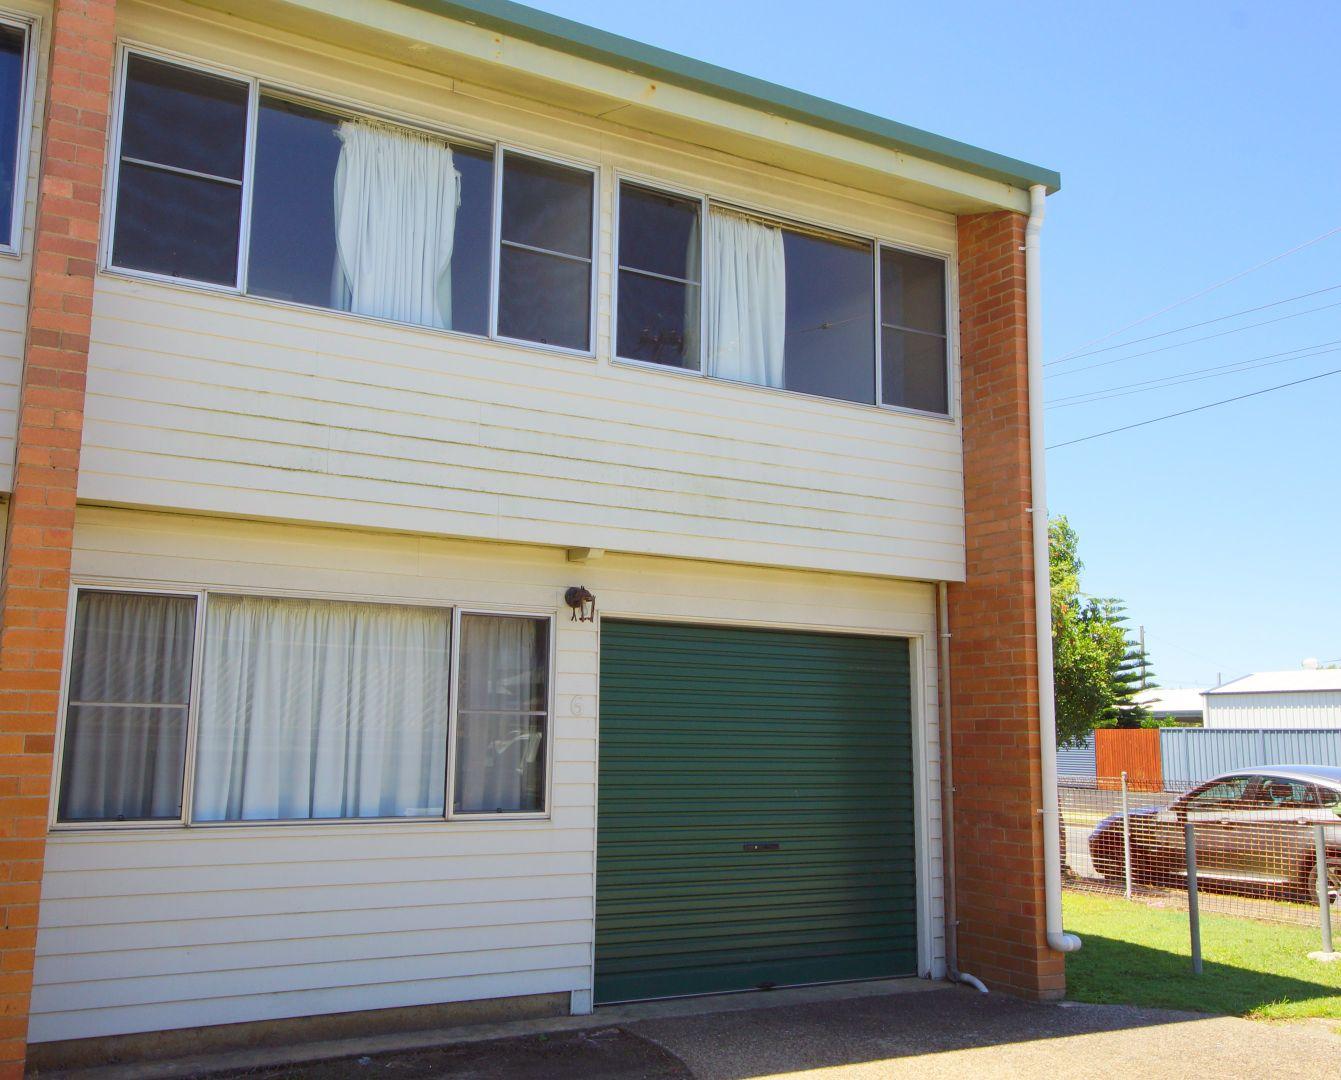 6/82 Evan Street, Mackay QLD 4740, Image 1